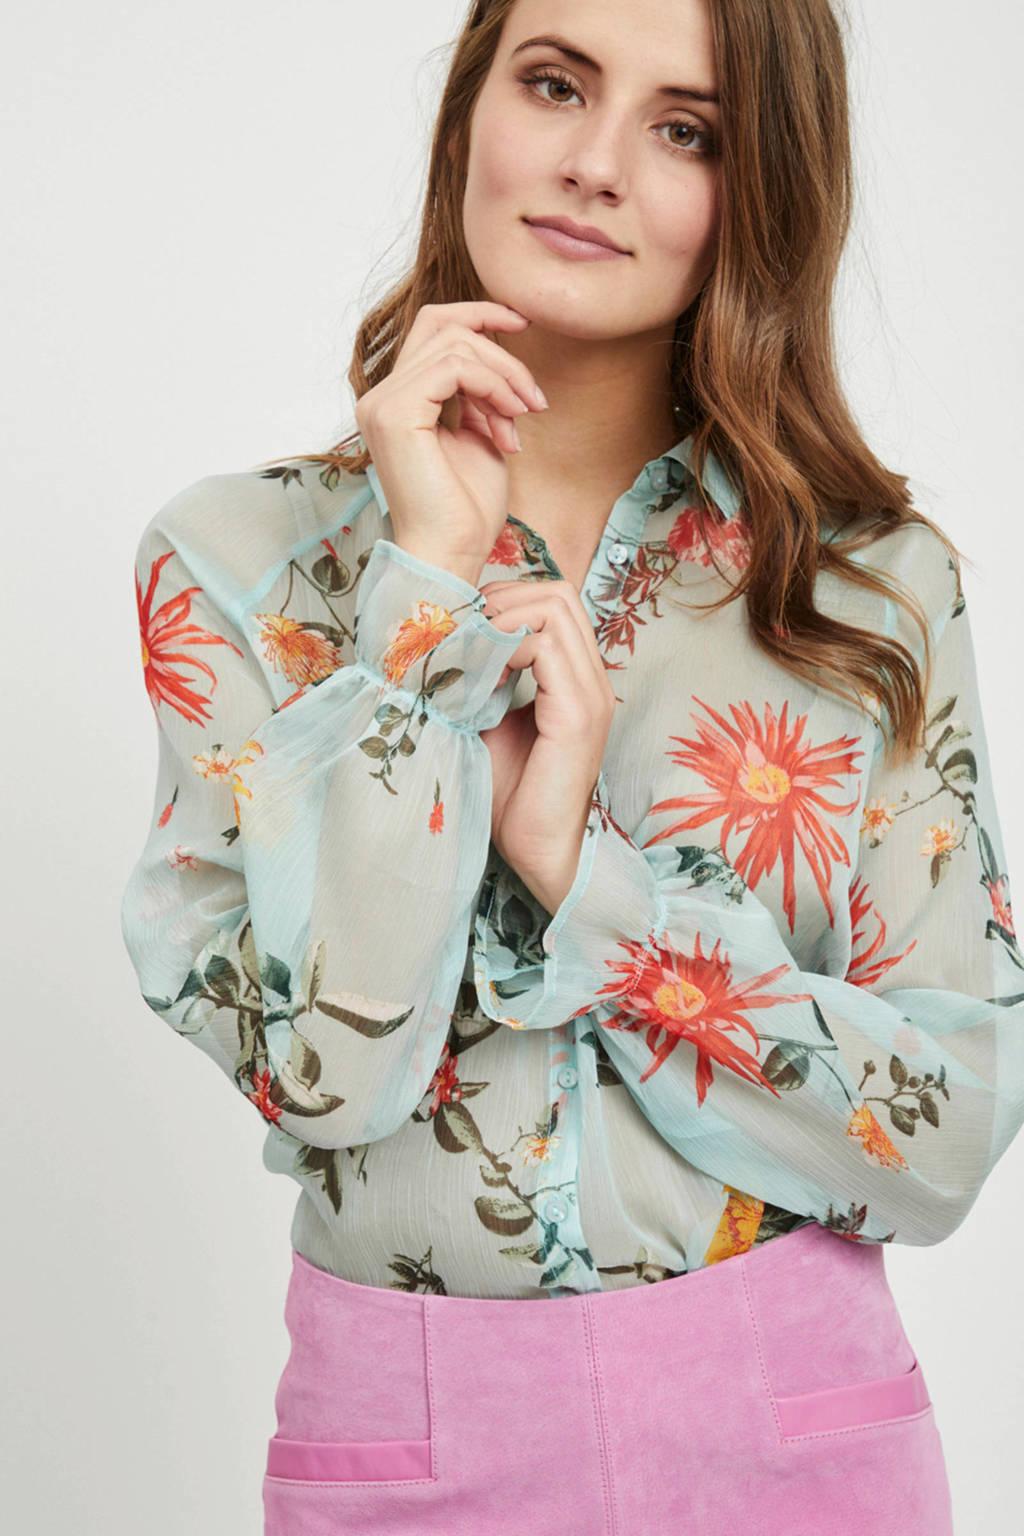 VILA gebloemde blouse met open details, Lichtblauw/groen/rood/geel